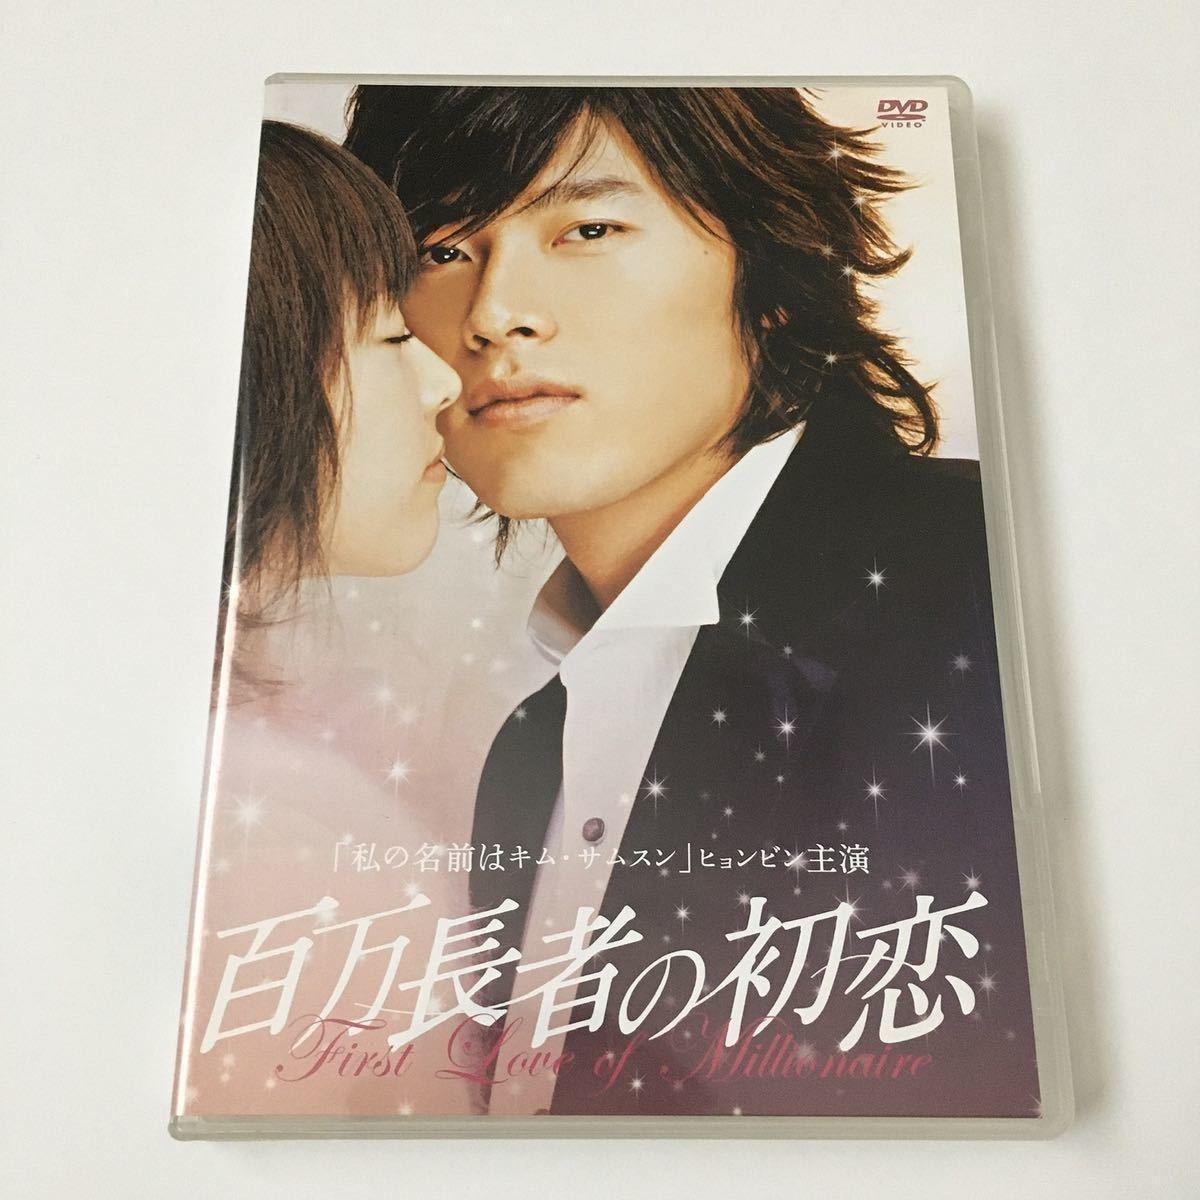 ヒョンビン 百万長者の初恋 デラックス版 DVD 2枚組